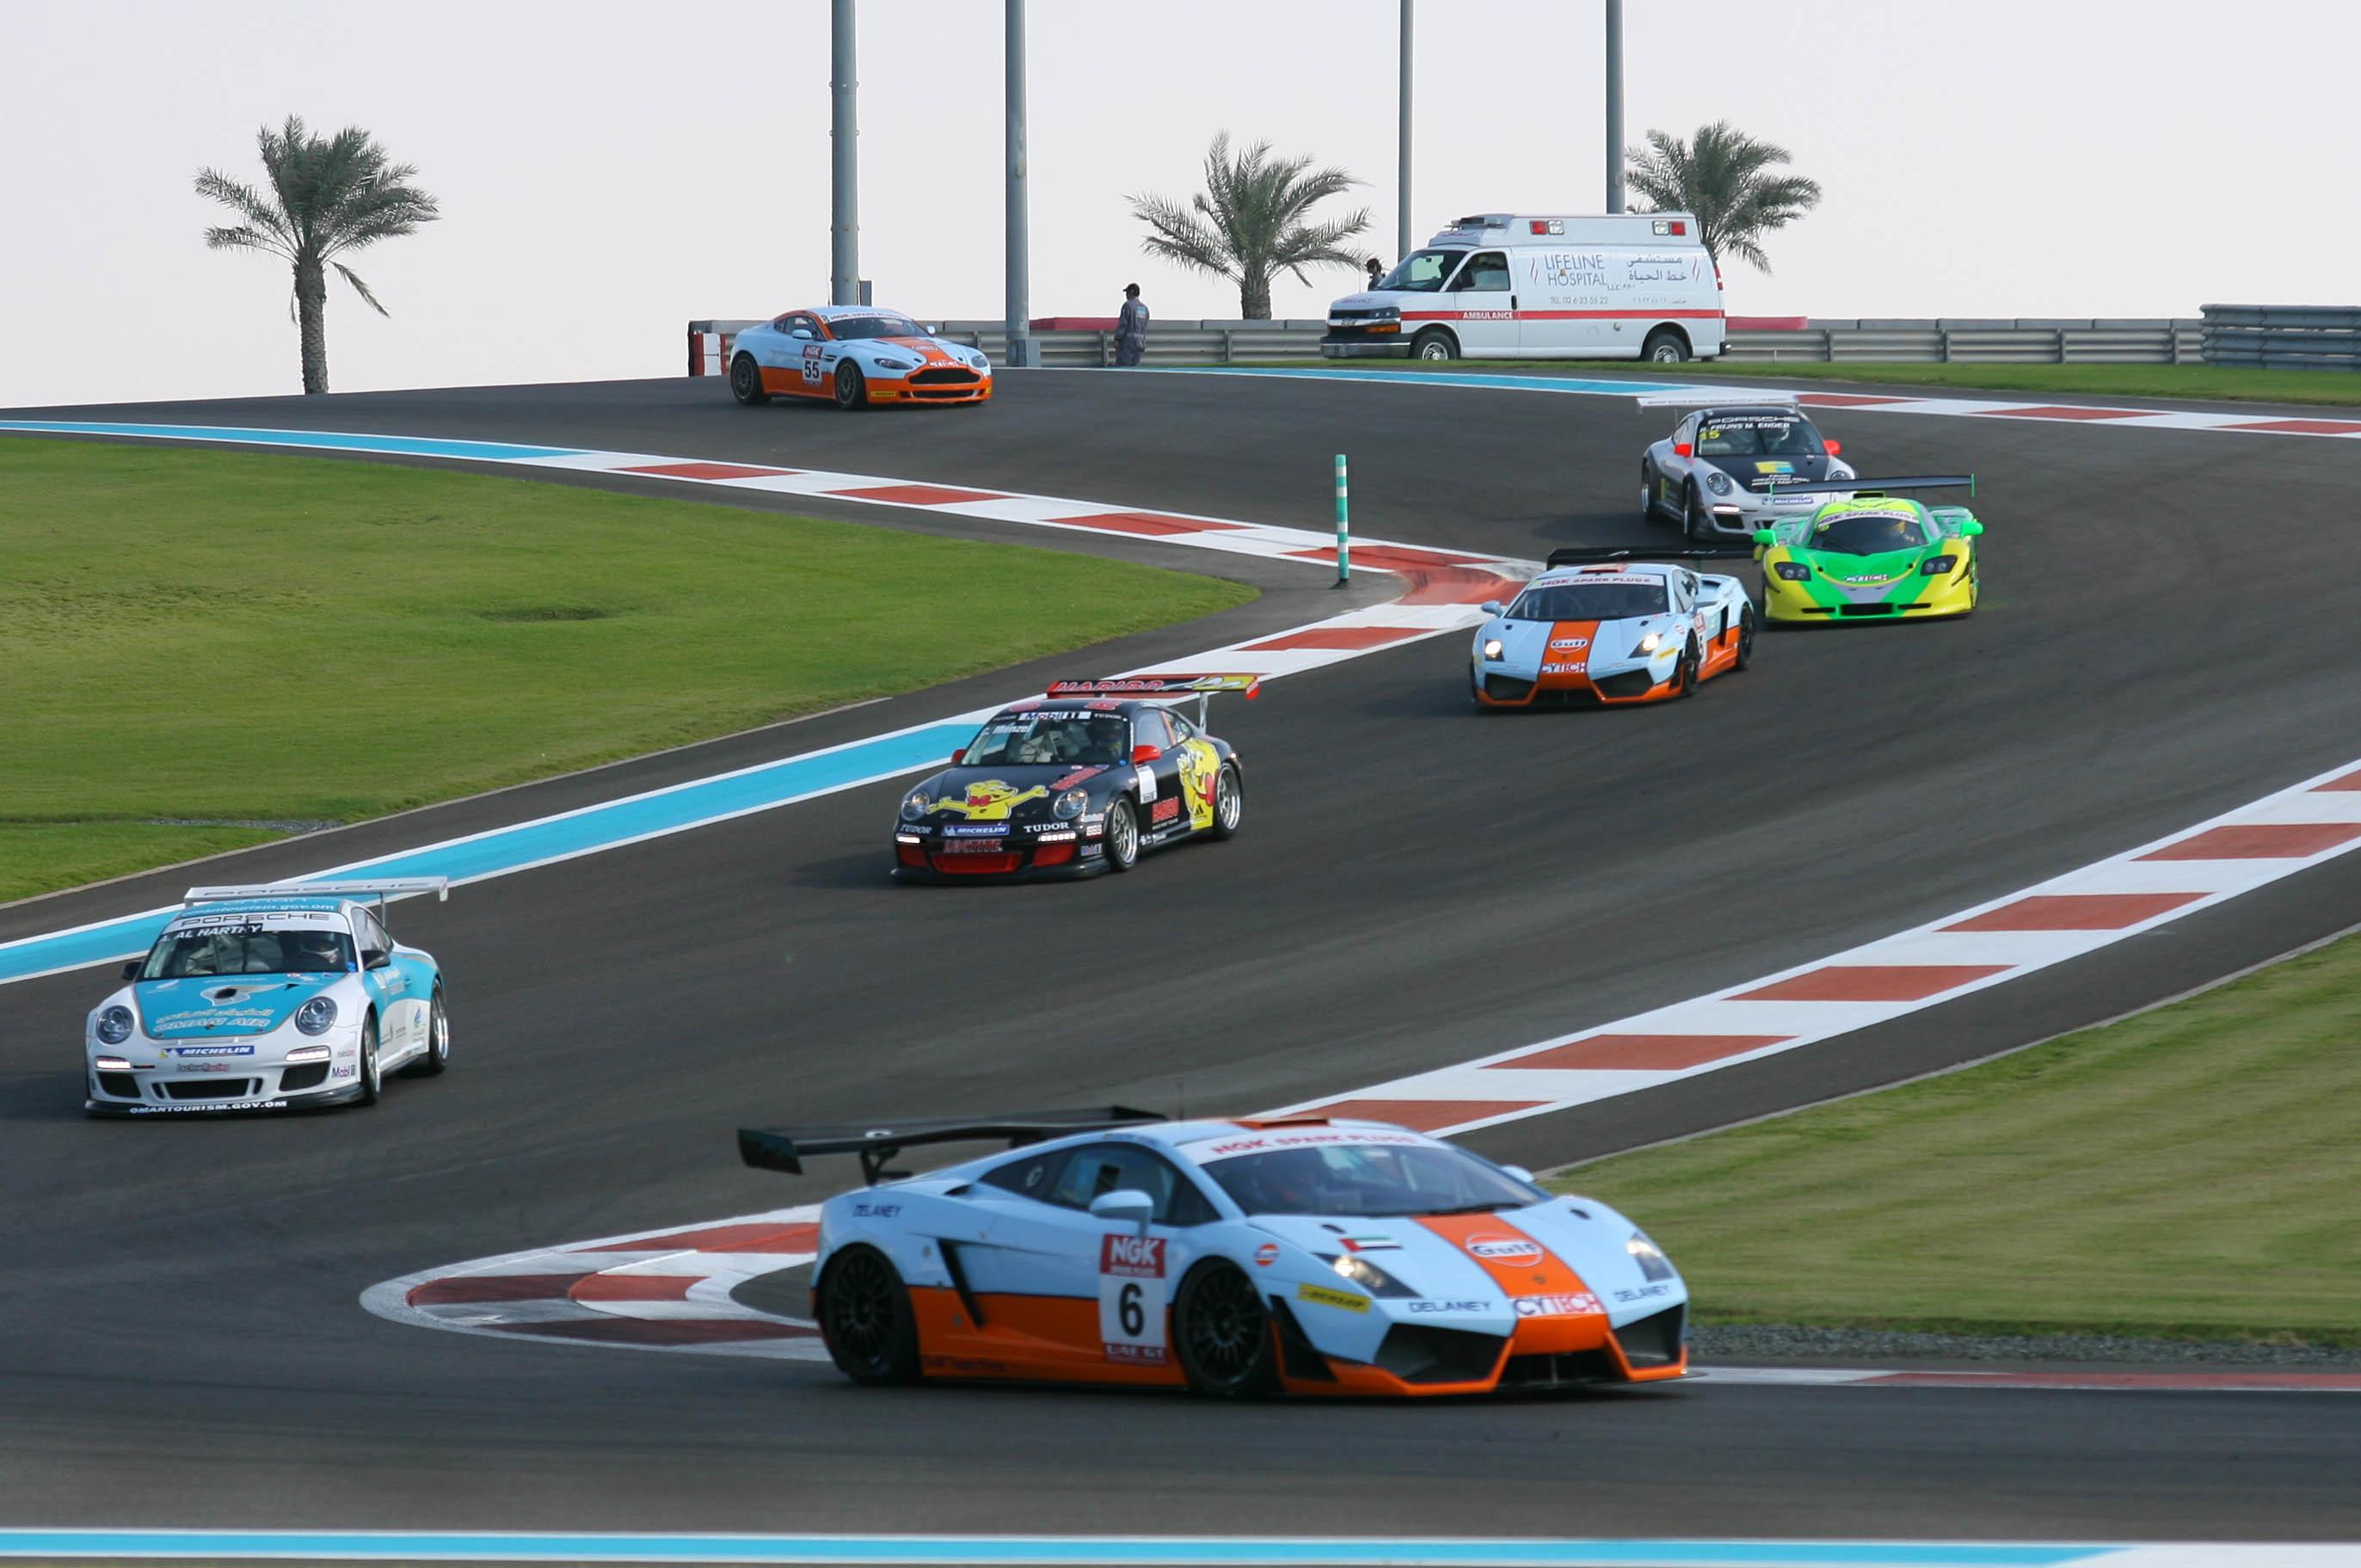 UAE National Racing: Lamborghini finally trump Ferrari in NGK GT Championship